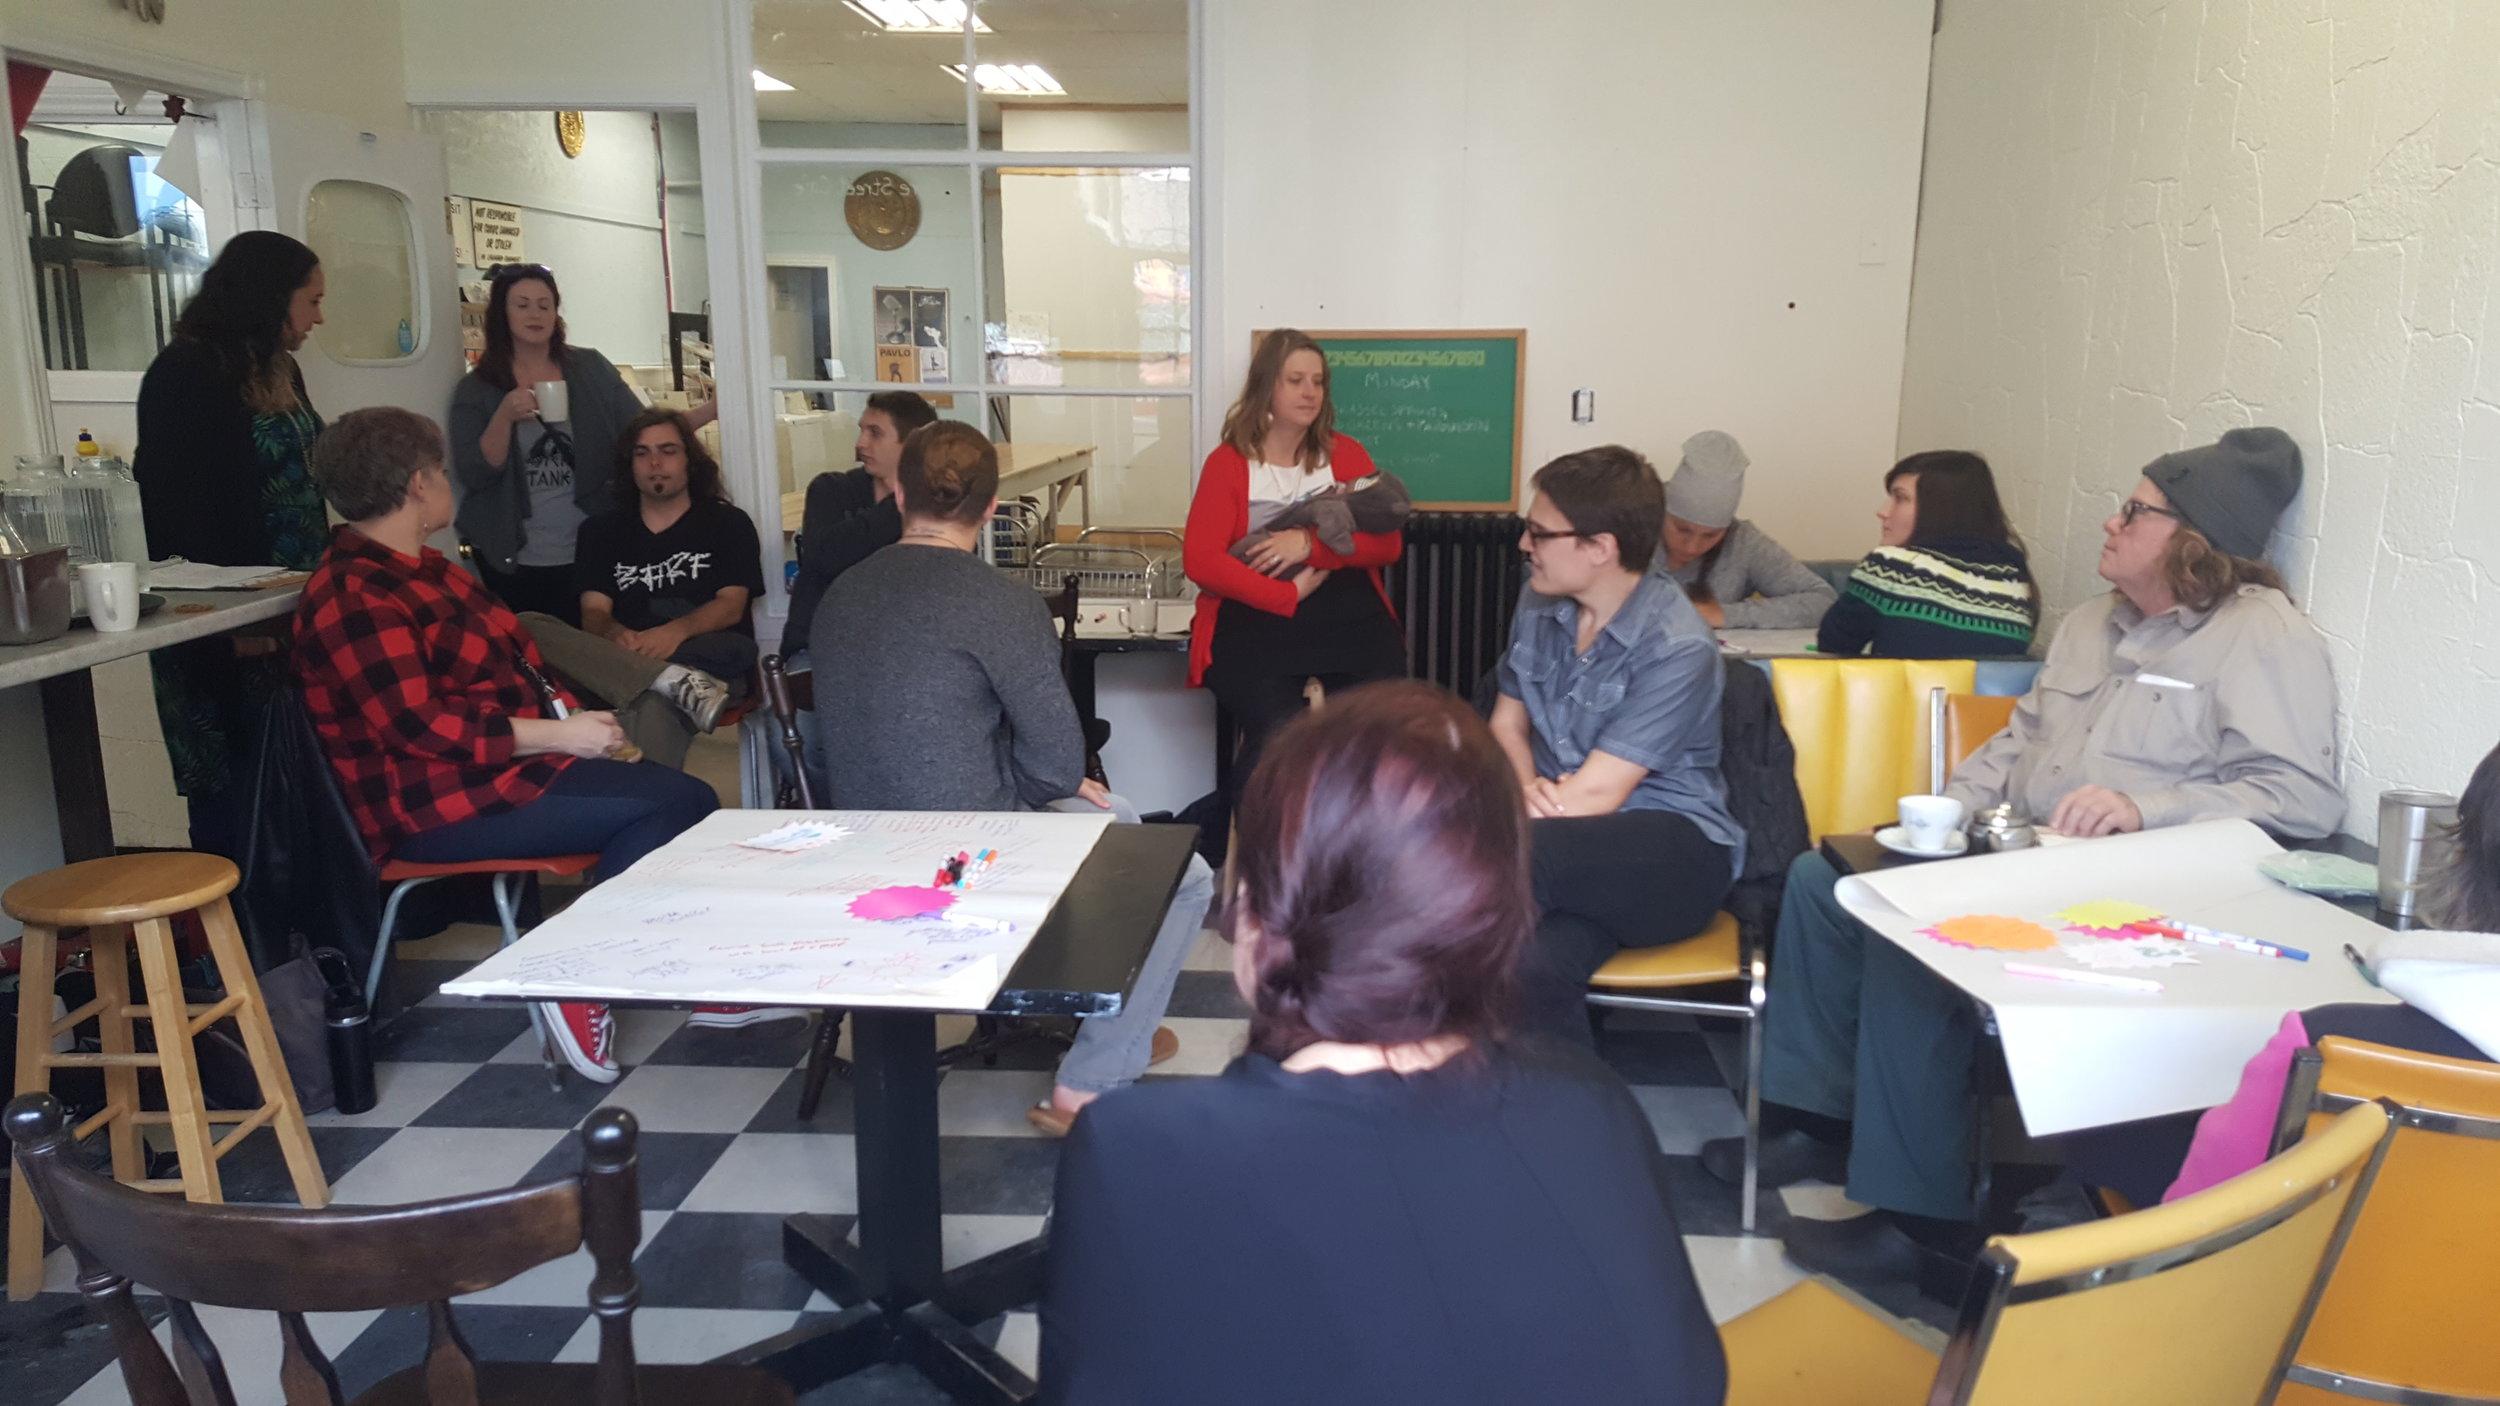 Séance de laboratoire d ' idées à Sault Ste. Marie; une entreprise sociale Gore Street Café